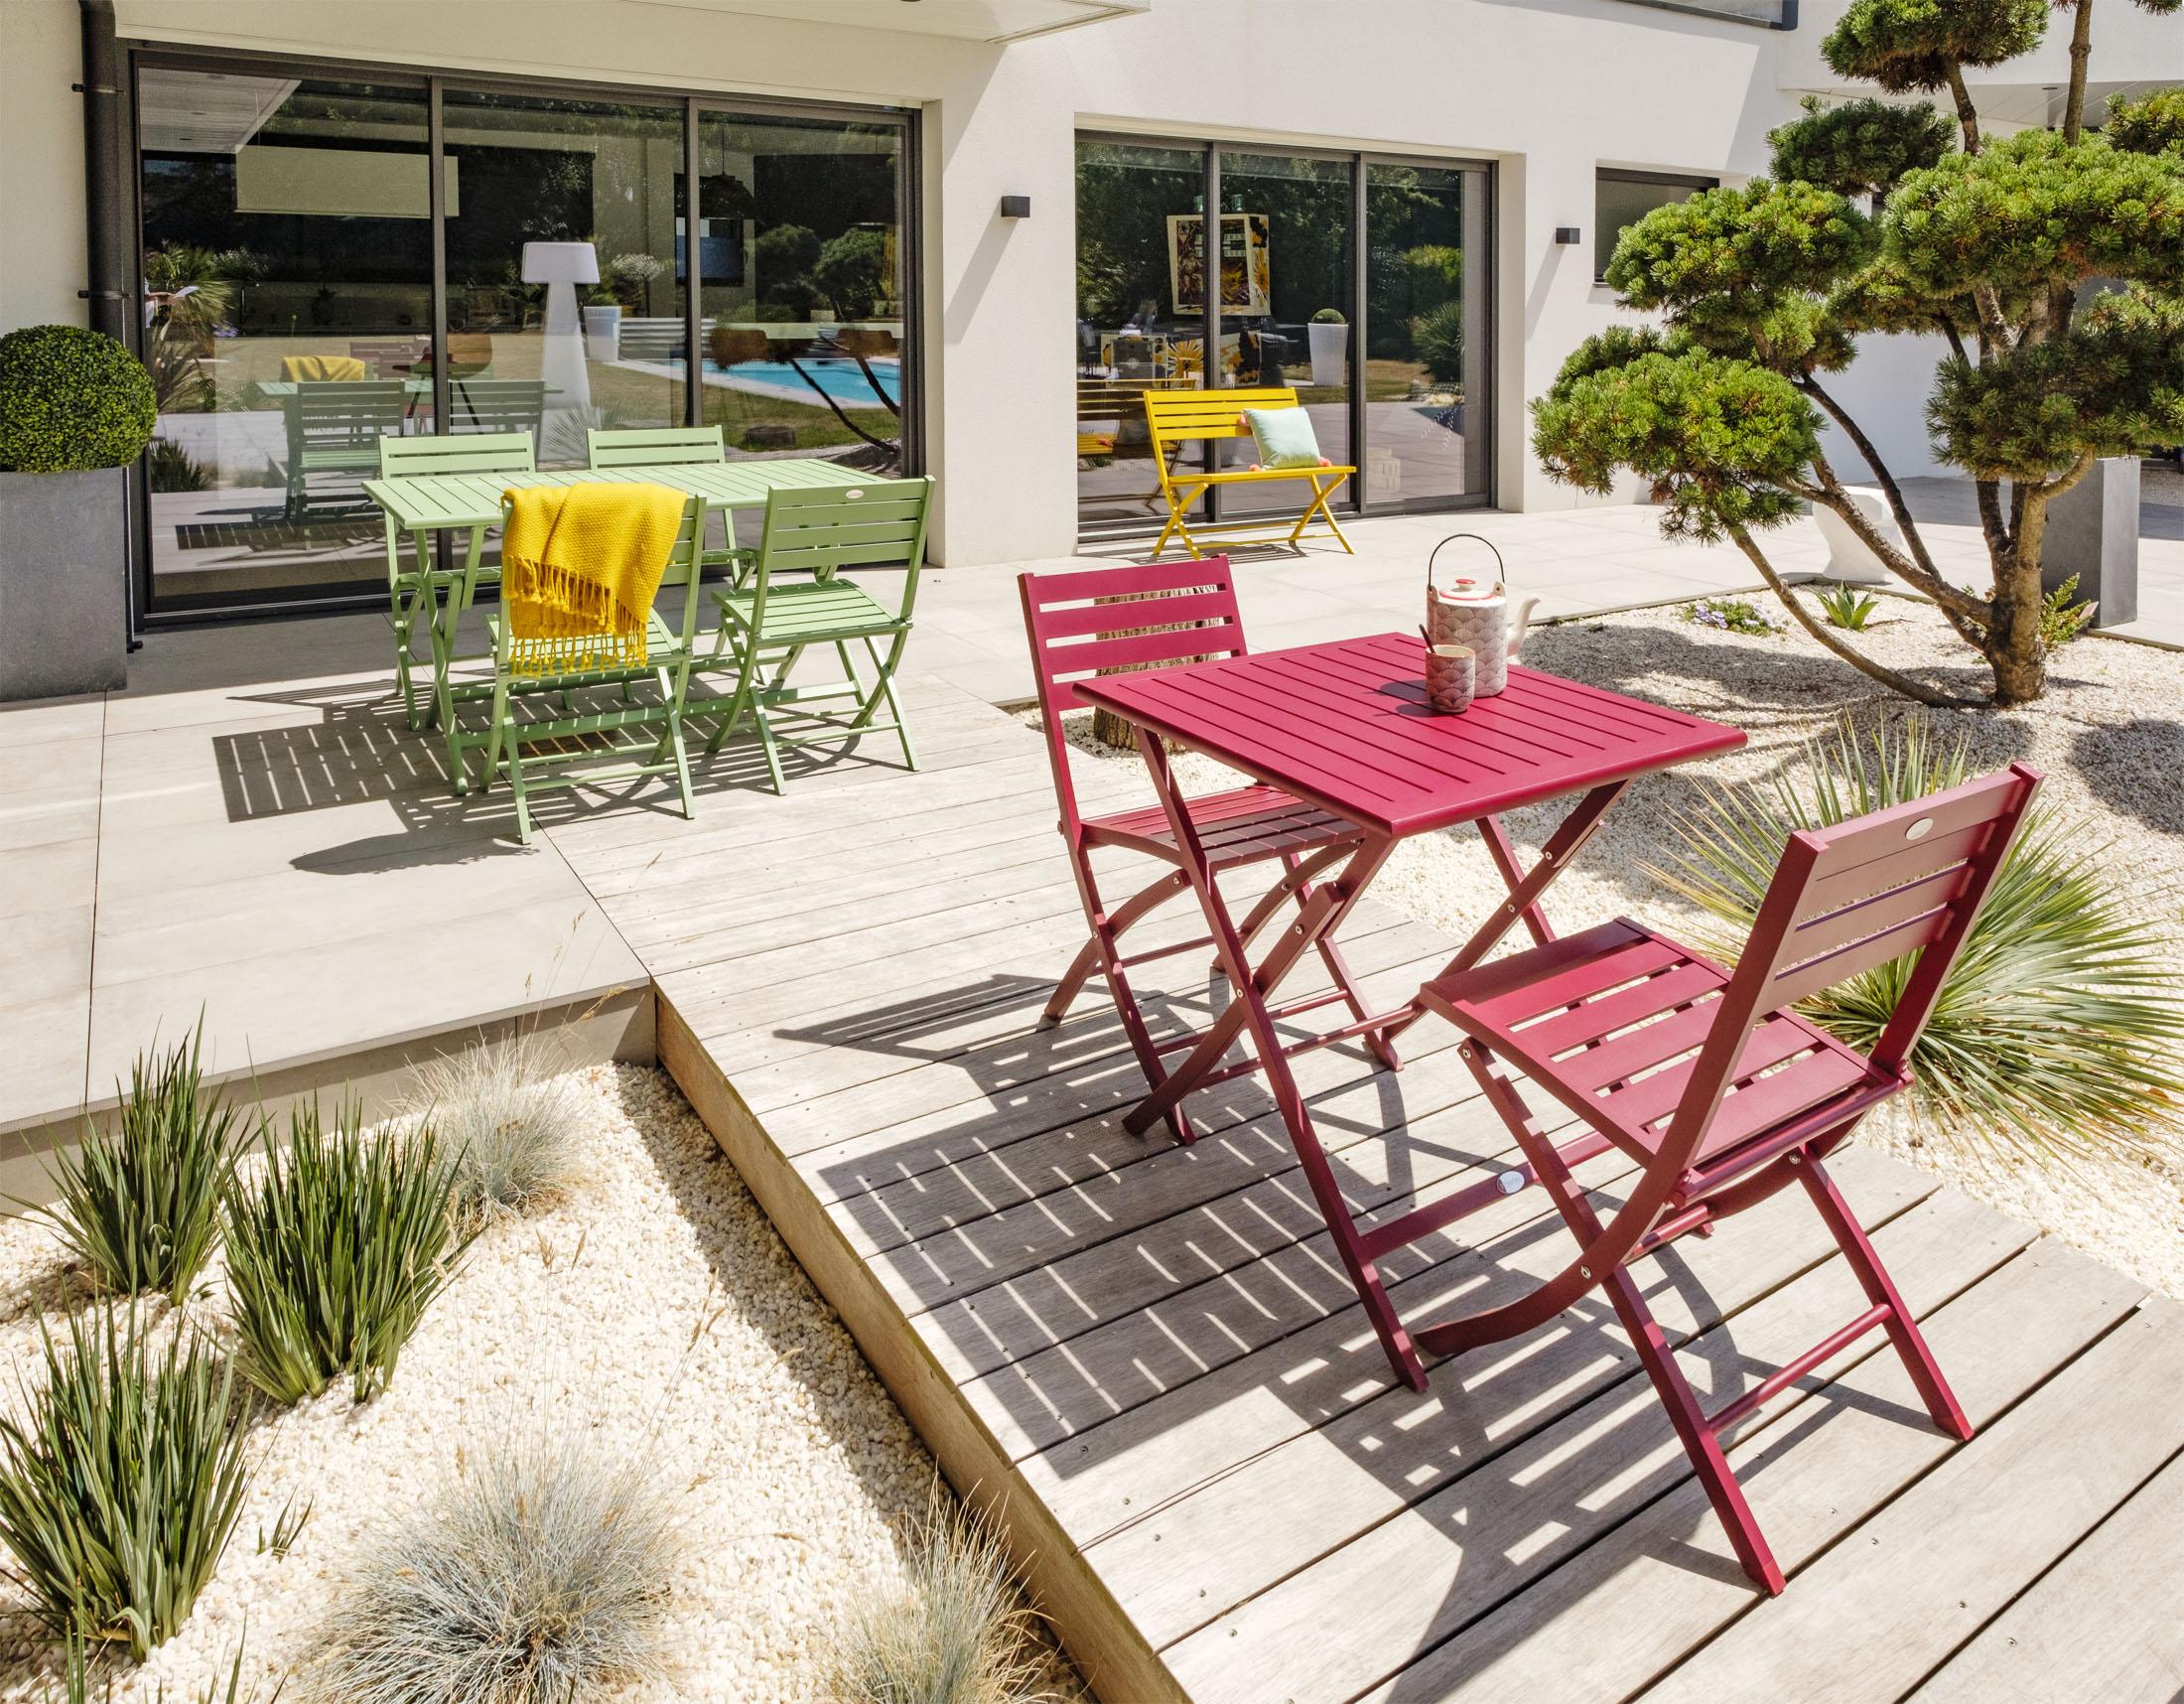 ambiance extérieur de tables de jardins de plusieurs couleurs avec leurs chaises sur une grande terrasse